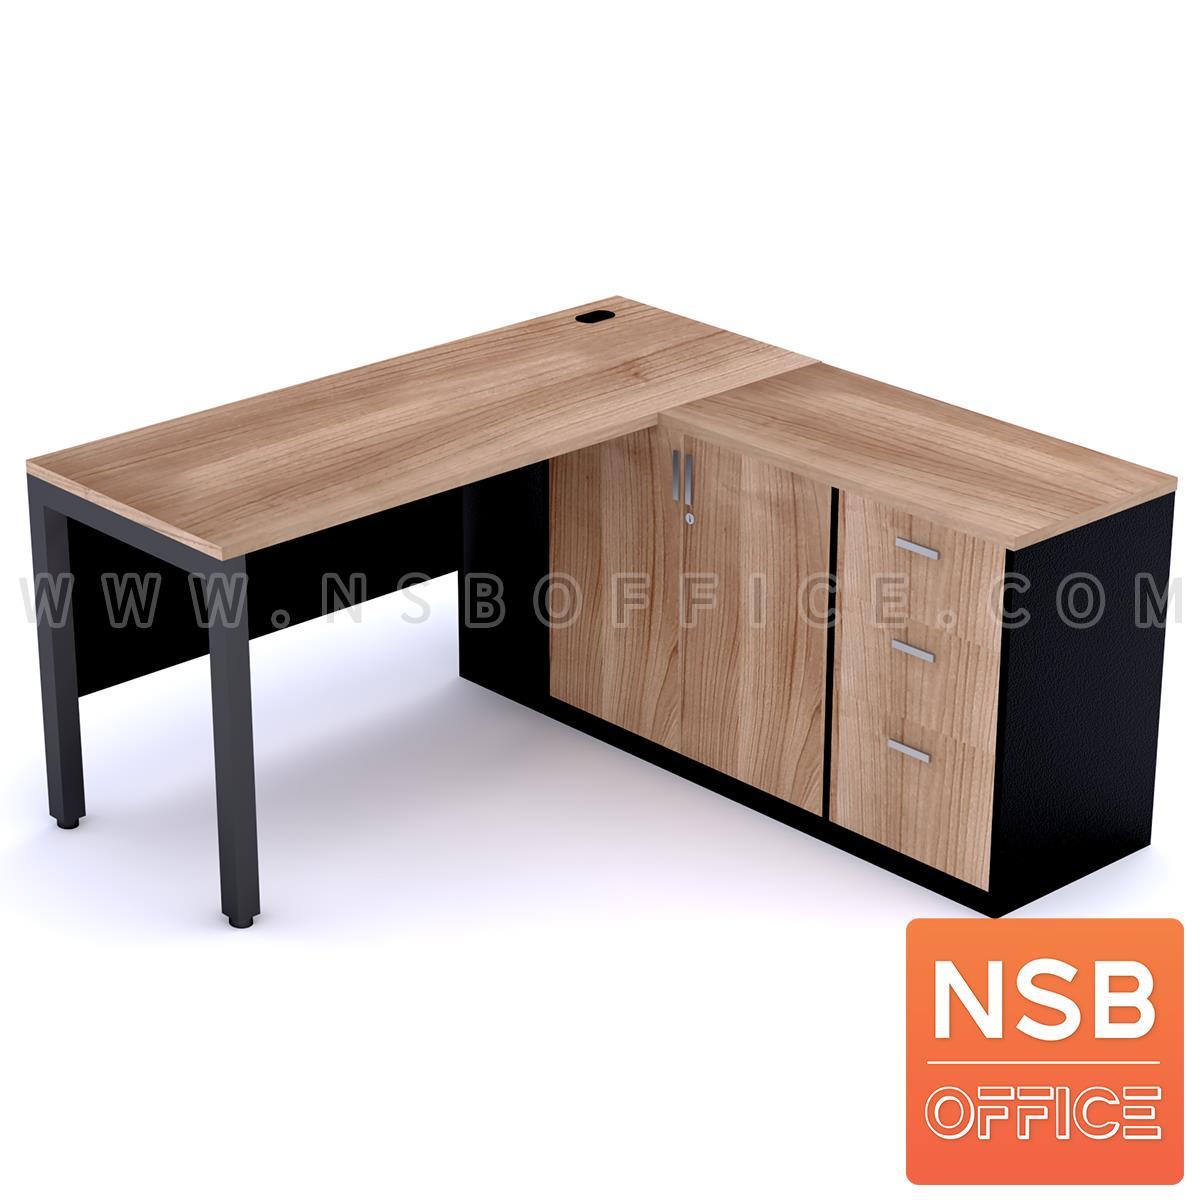 A18A031:โต๊ะทำงานตัวแอล   ขนาด 150W1*150W2 ,170W2 cm.  พร้อมตู้เก็บเอกสารและบังโป๊ ขาเหล็ก